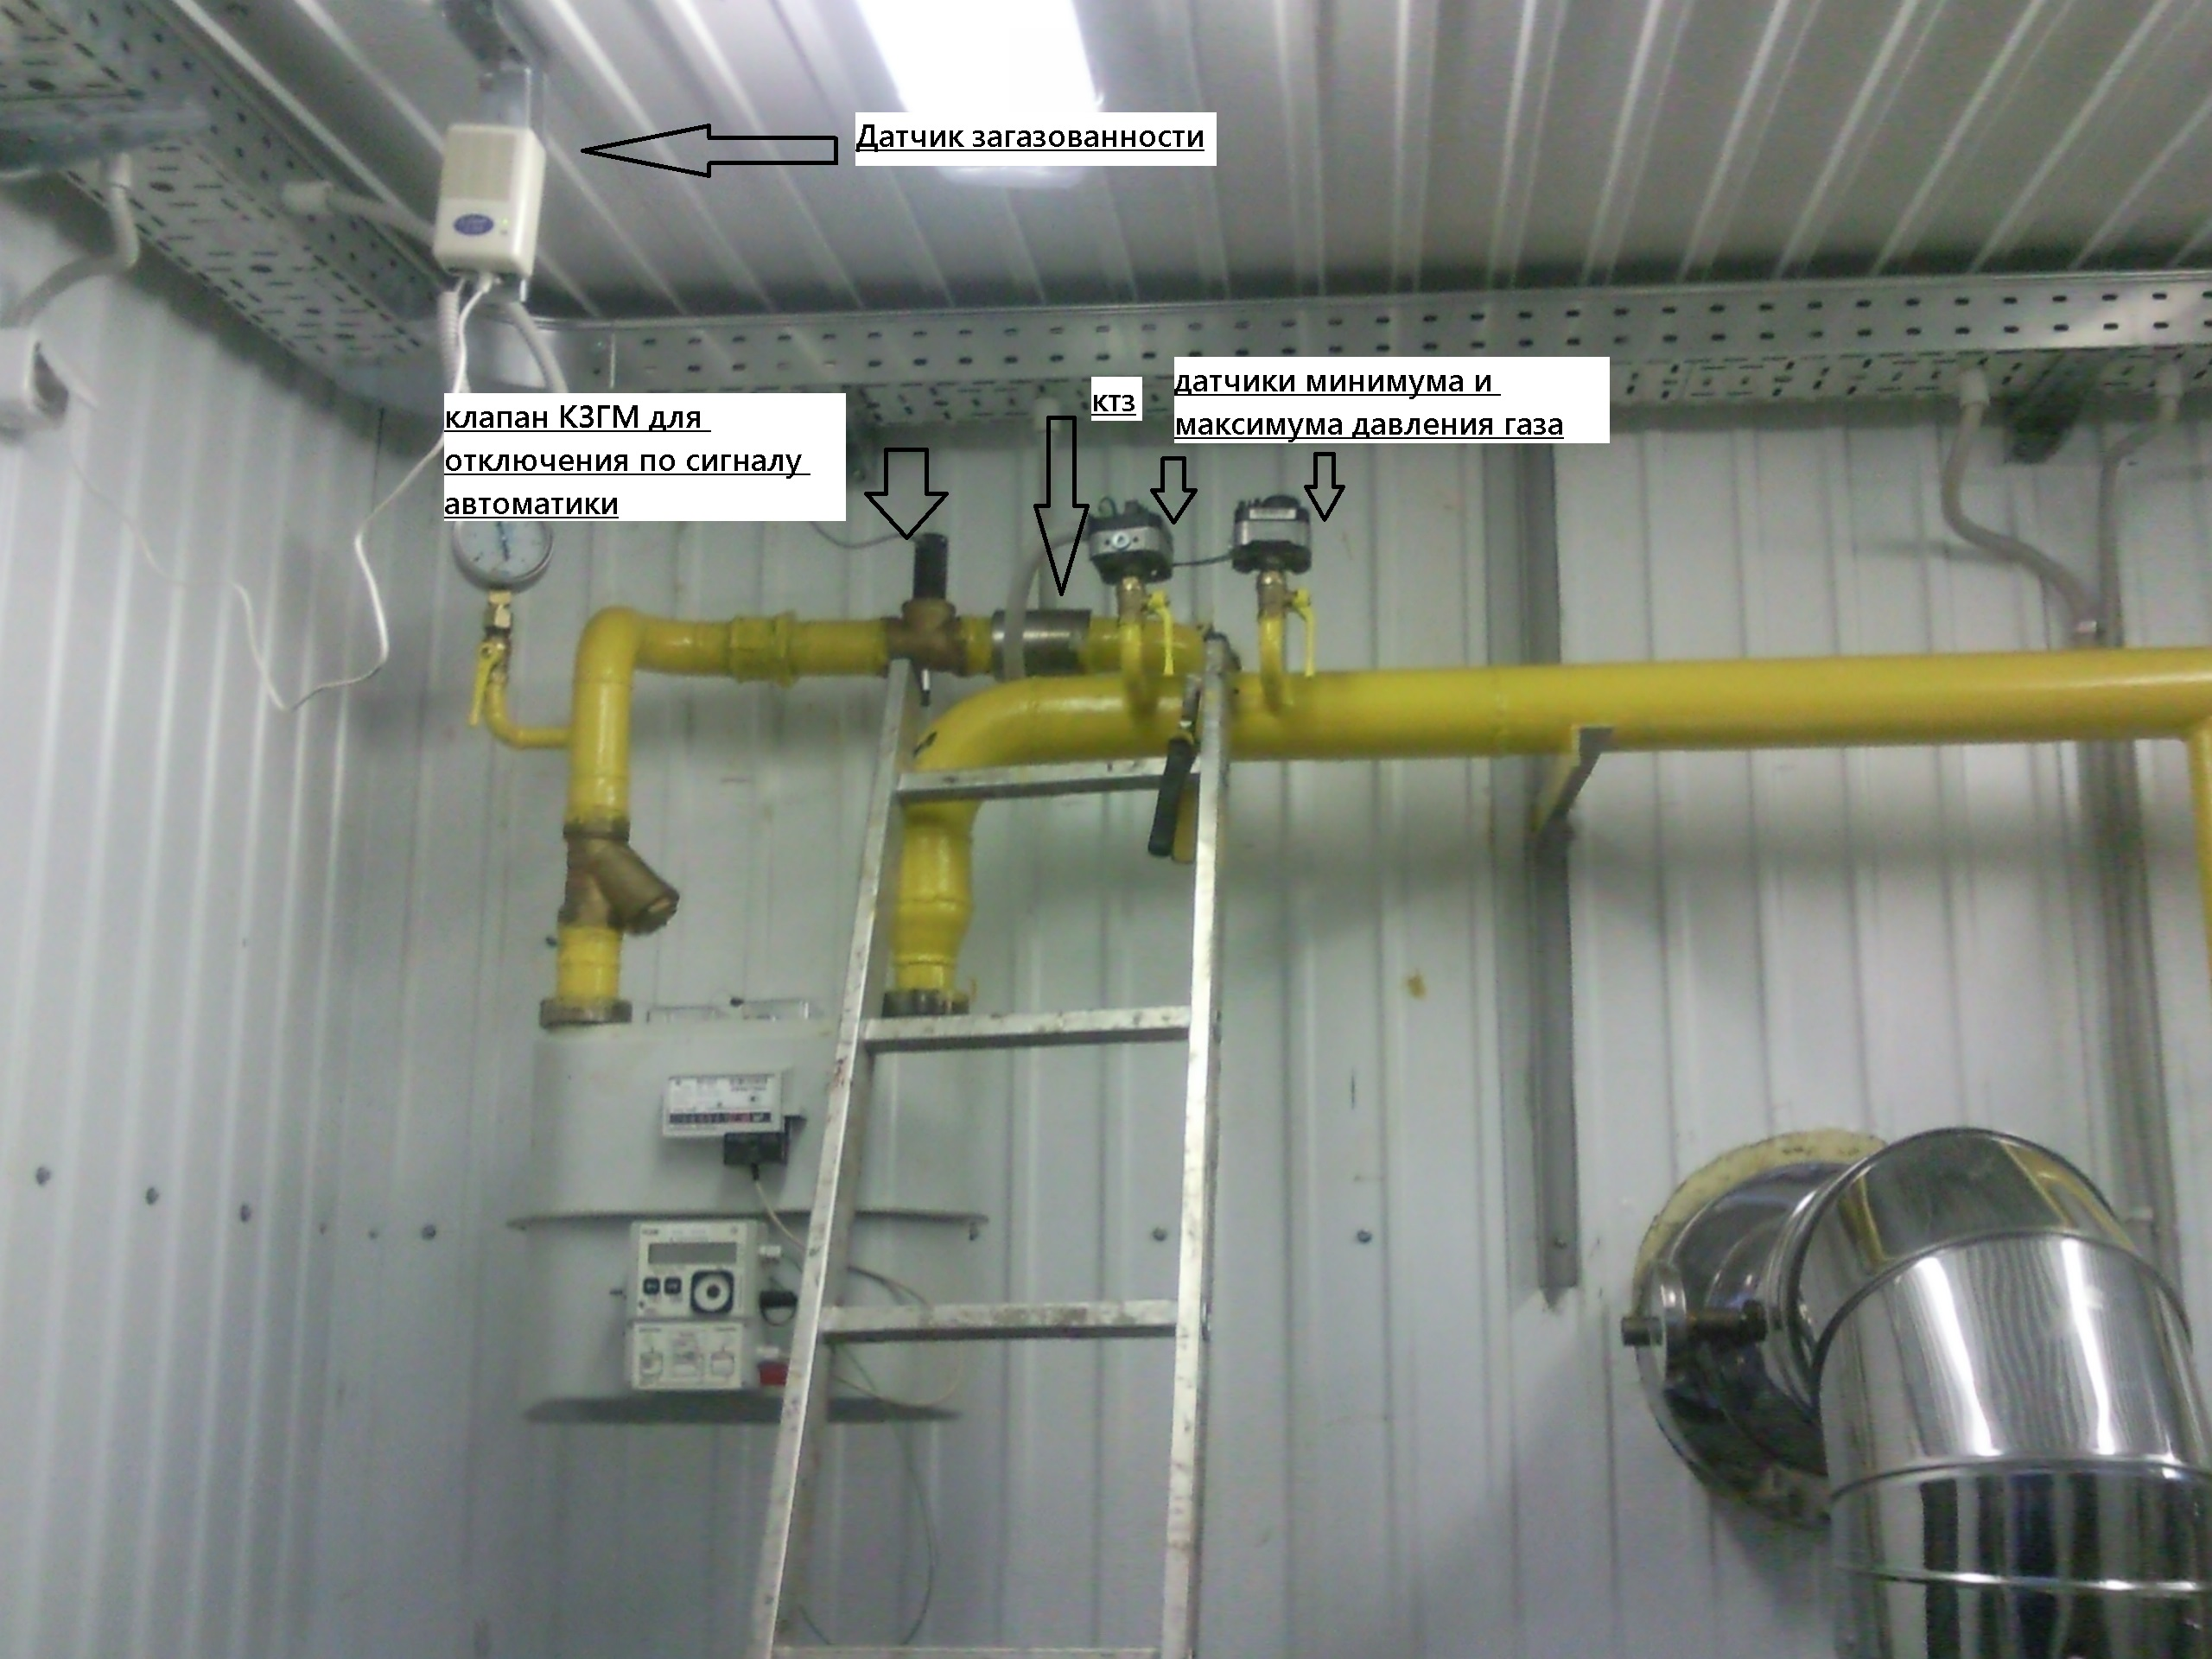 прекращение подачи газа в котельную загазованность